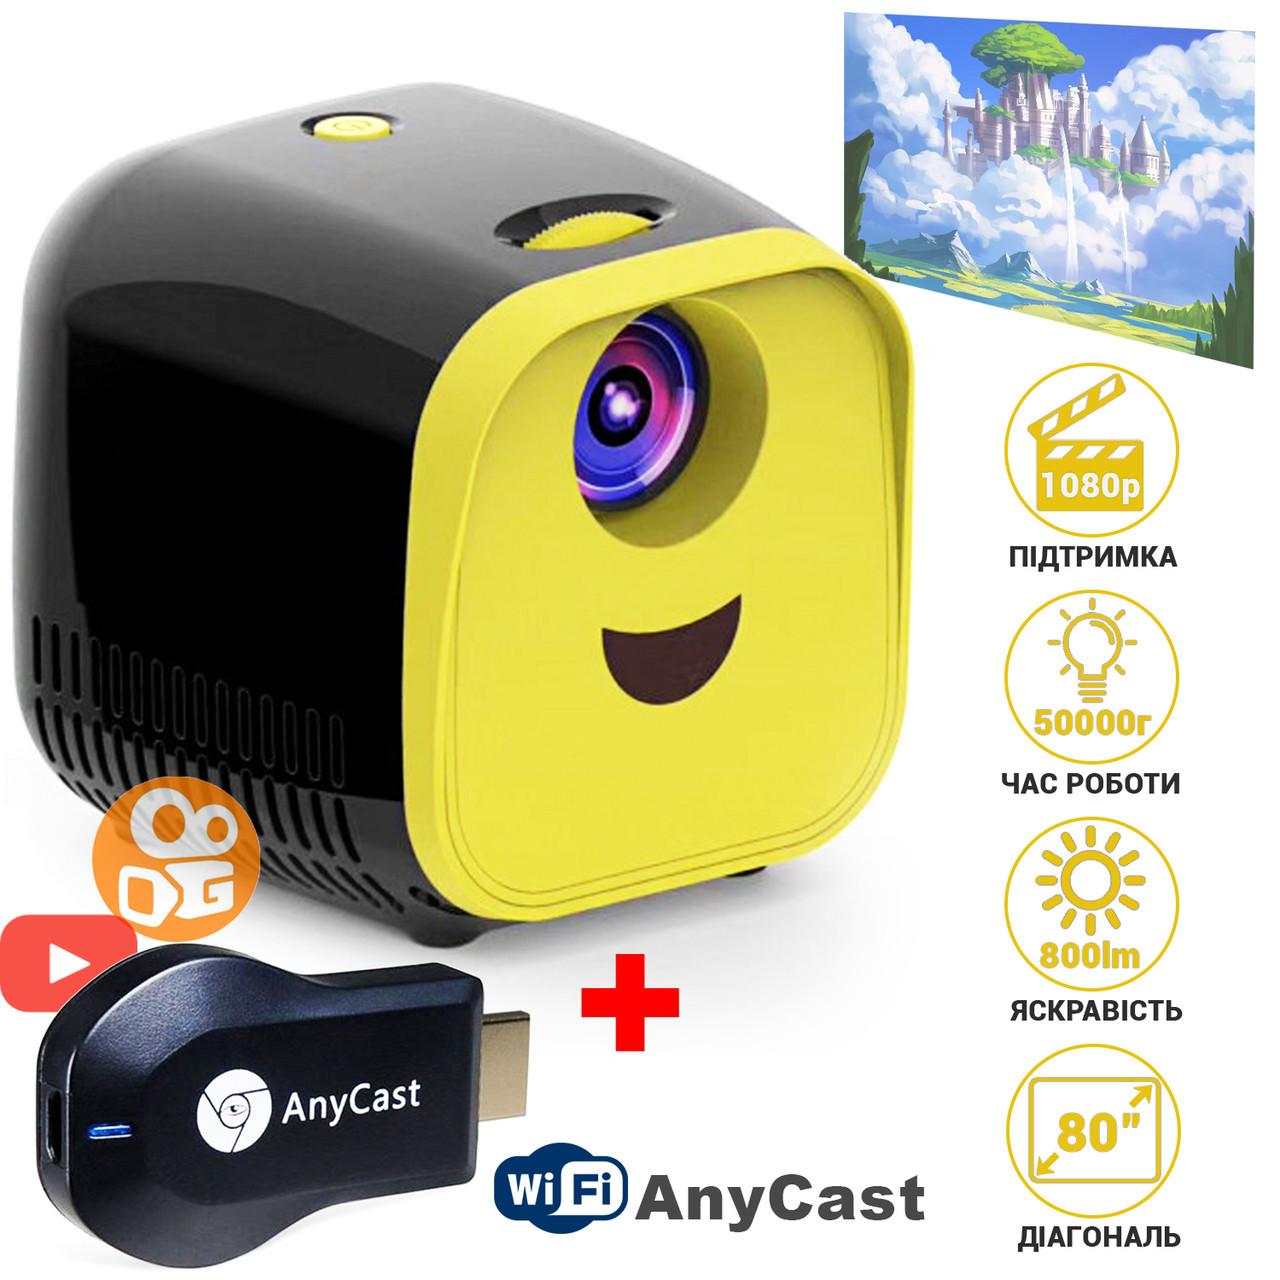 Дитячий міні-проектор L1 з підтримкою 1080p, домашній медіаплеєр+Медіаплеєр для проекторів і ТБ AnyCast